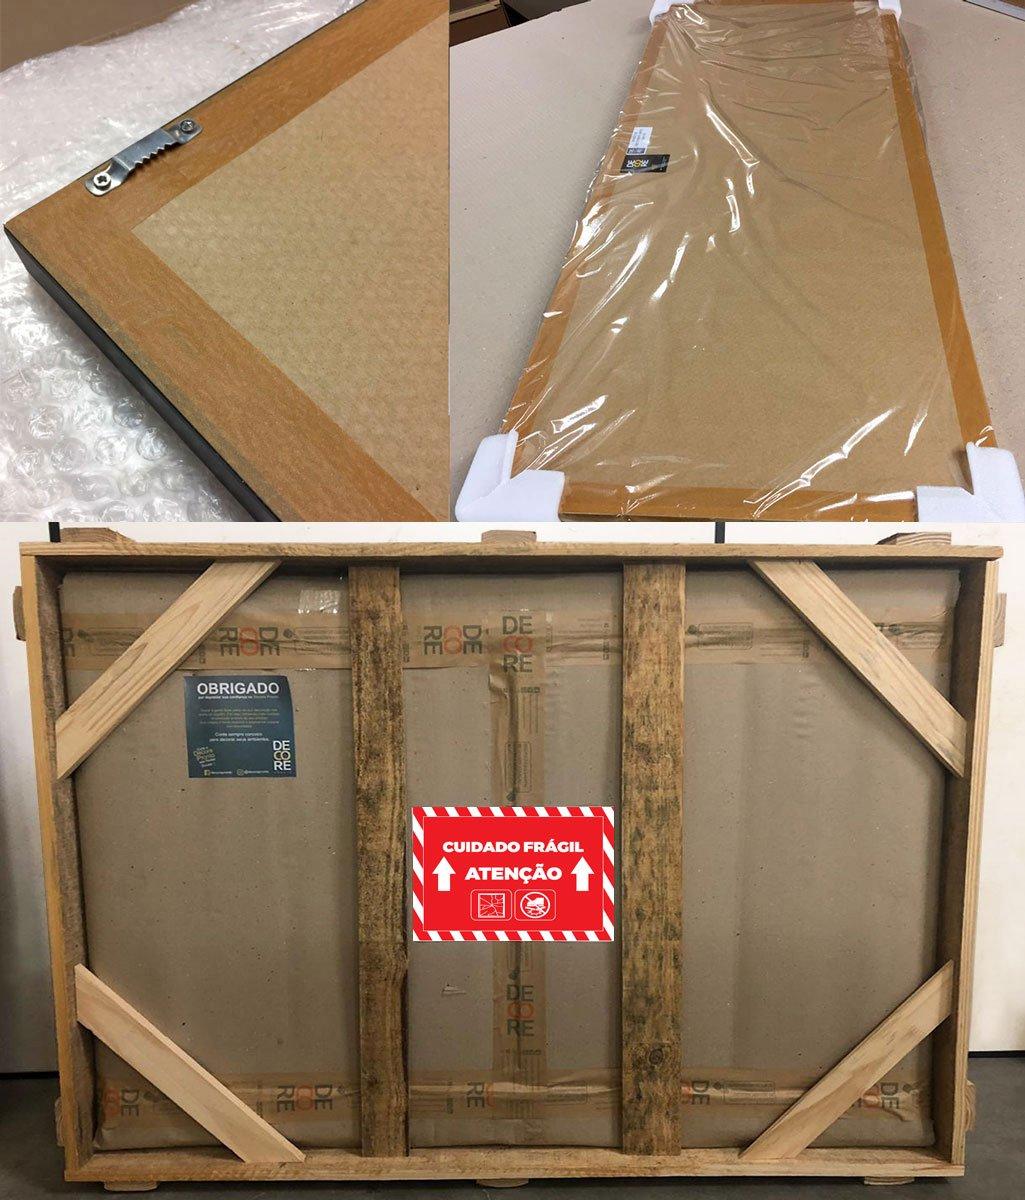 Papel Kraft, cantoneiras de papelão duplo ou polietileno, plástico termo encolhível, plástico bolha, caixa de papelão, chassi de madeira e avisos de mercadoria frágil, para um transporte ainda mais seguro contra avarias.